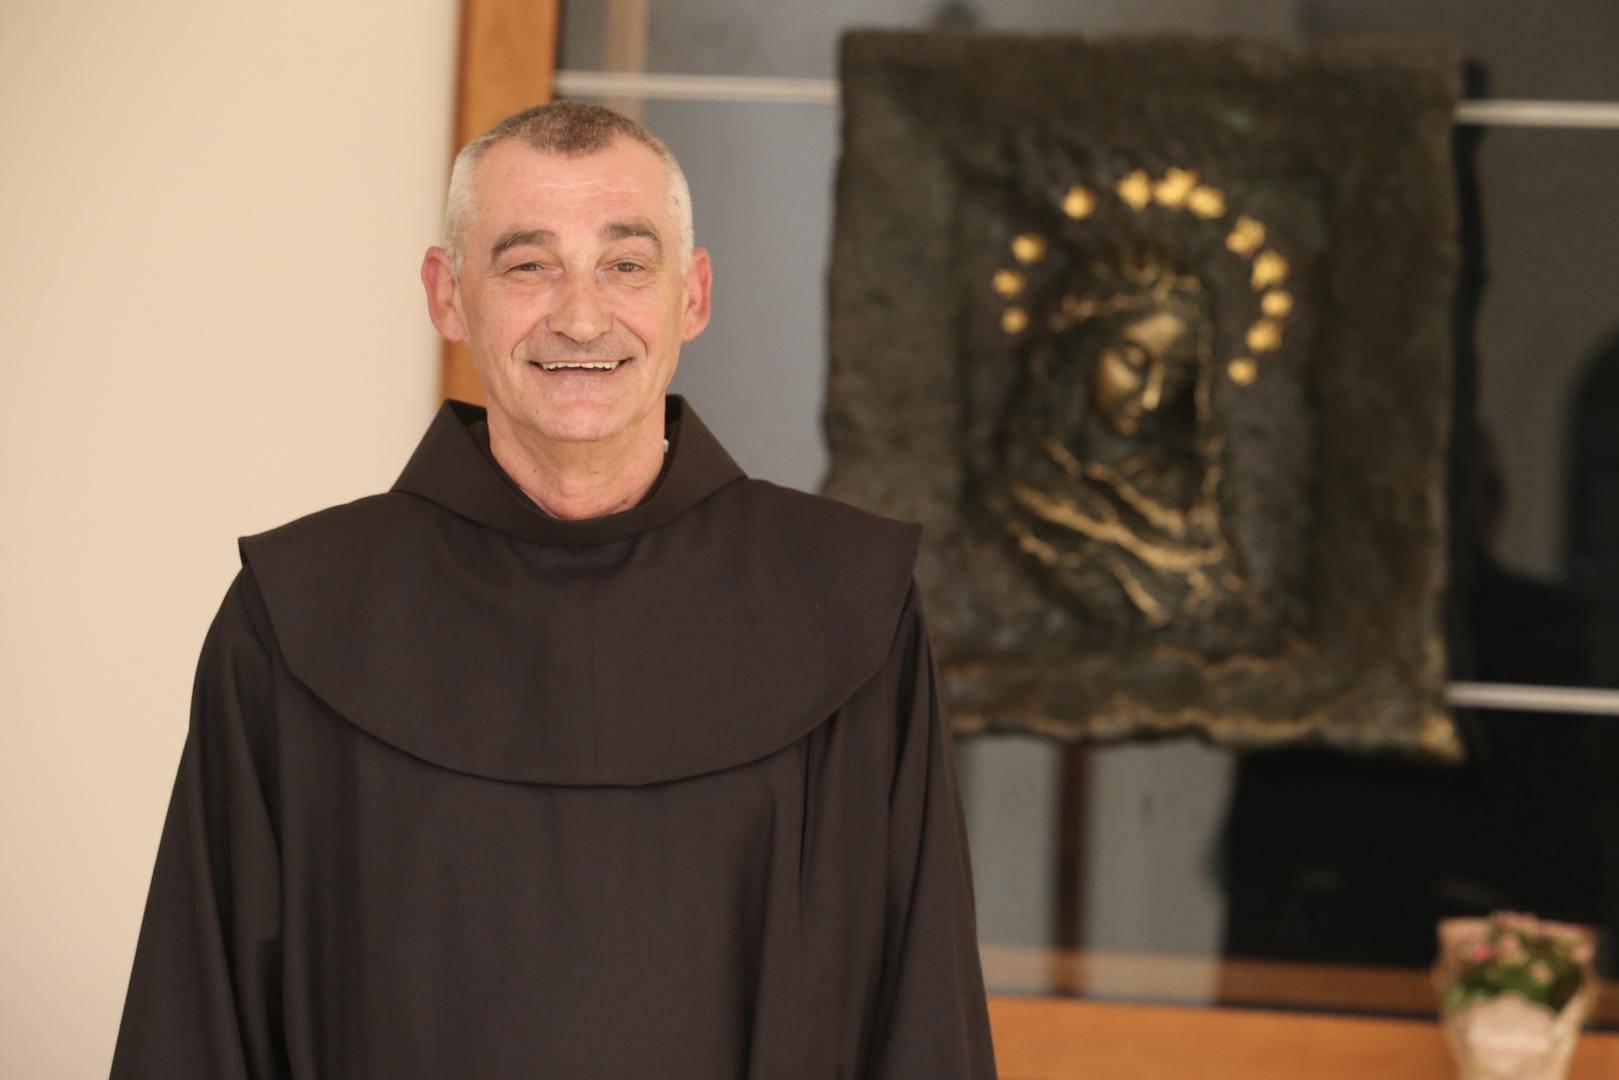 Plenkovića 'priveo' na molitvu: 'Što mu mogu reći osim klekni'